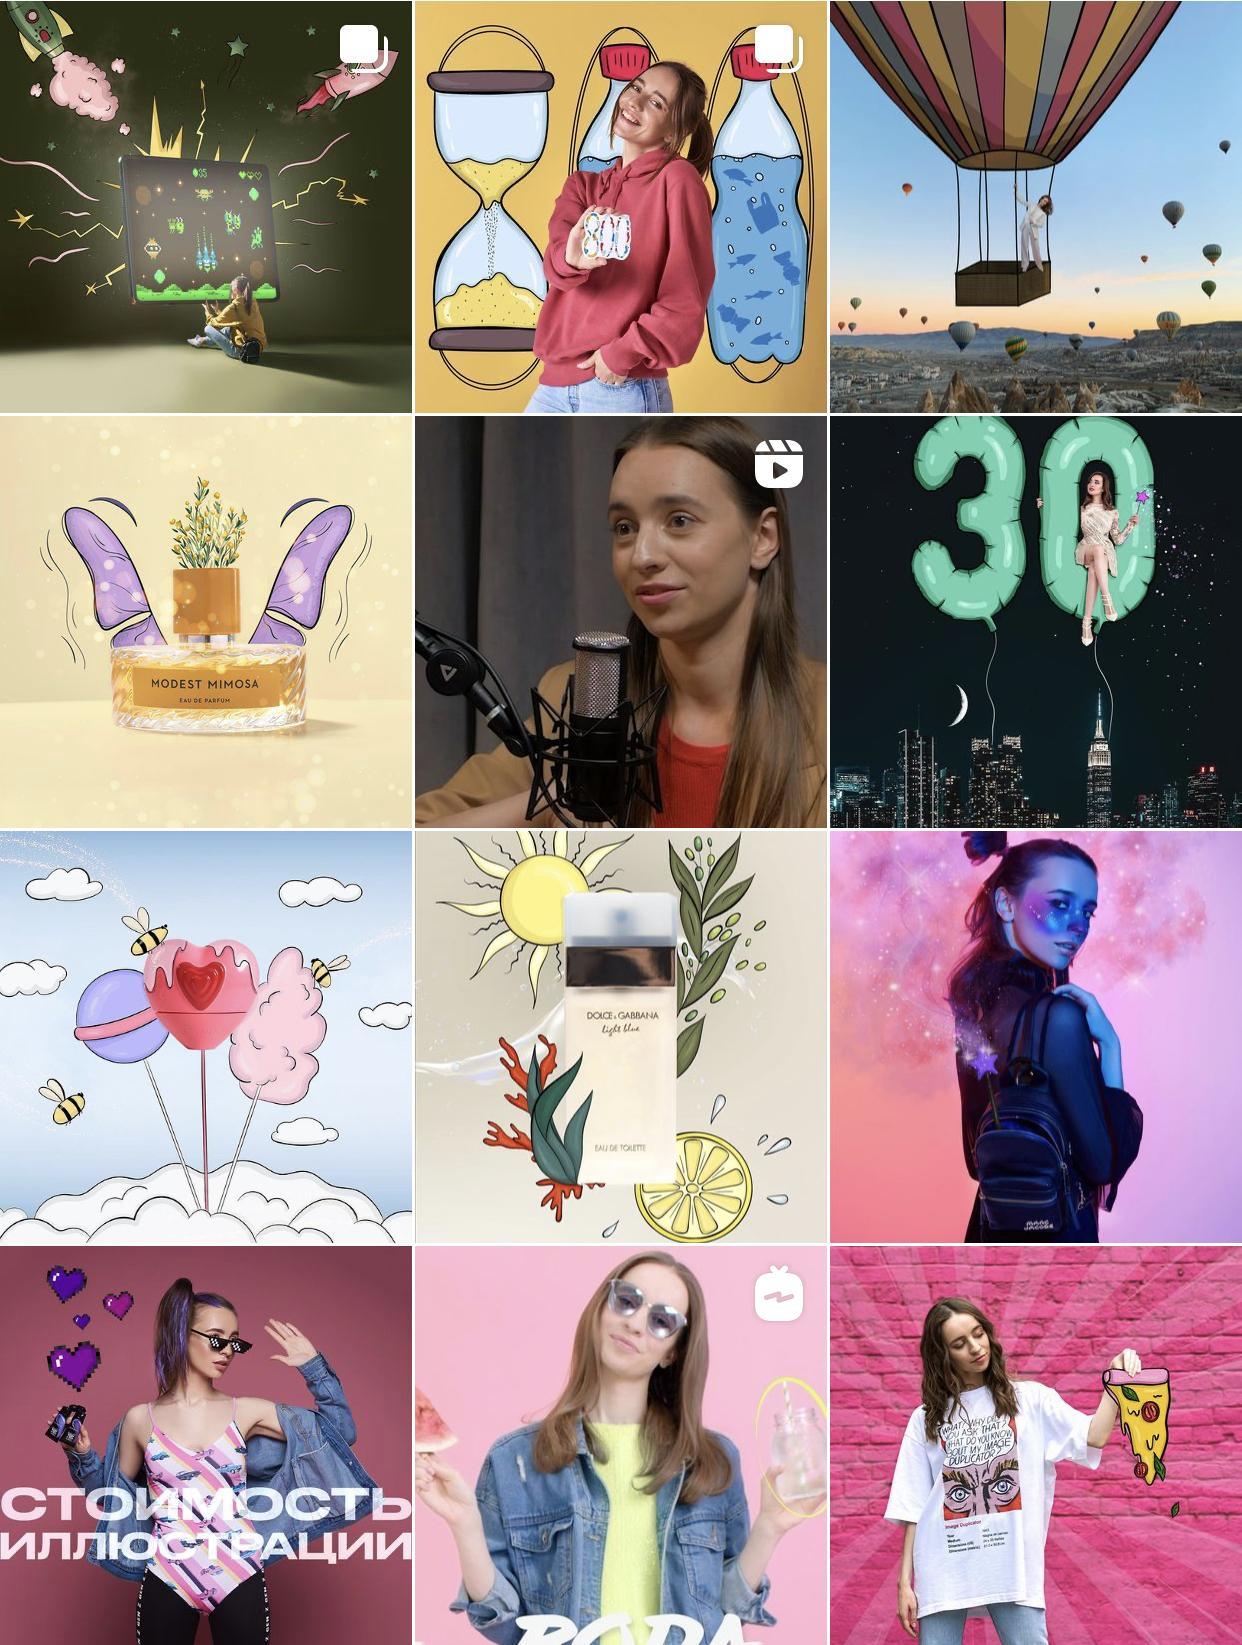 Вторая девушка – иллюстратор, также сотрудничает с брендами и создает для них креативные иллюстрации